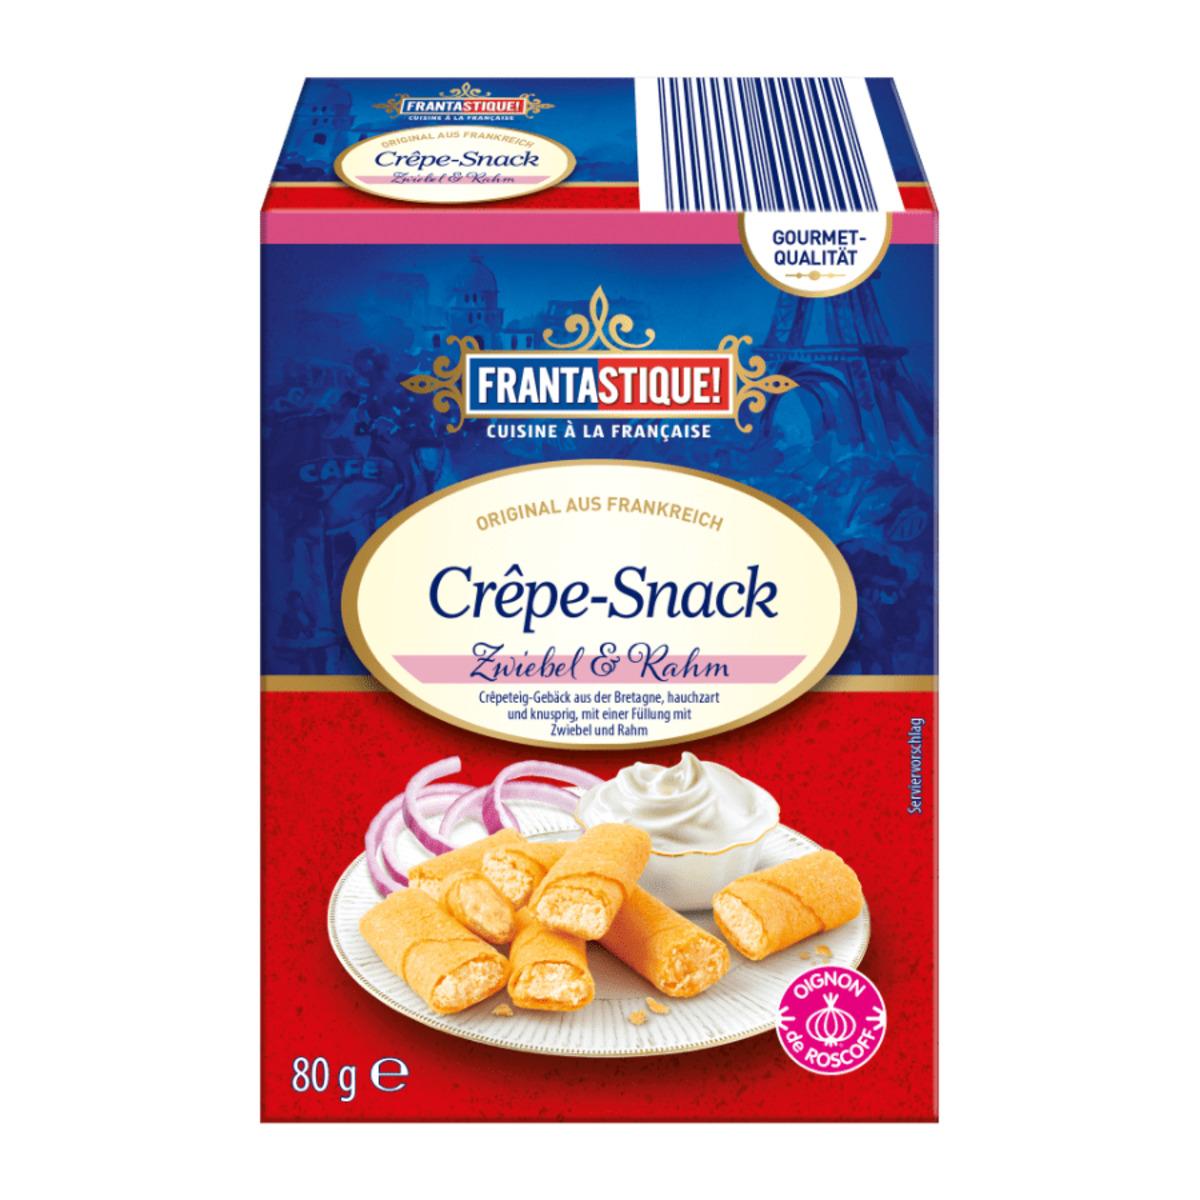 Bild 4 von FRANTASTIQUE!     Crêpe-Snack